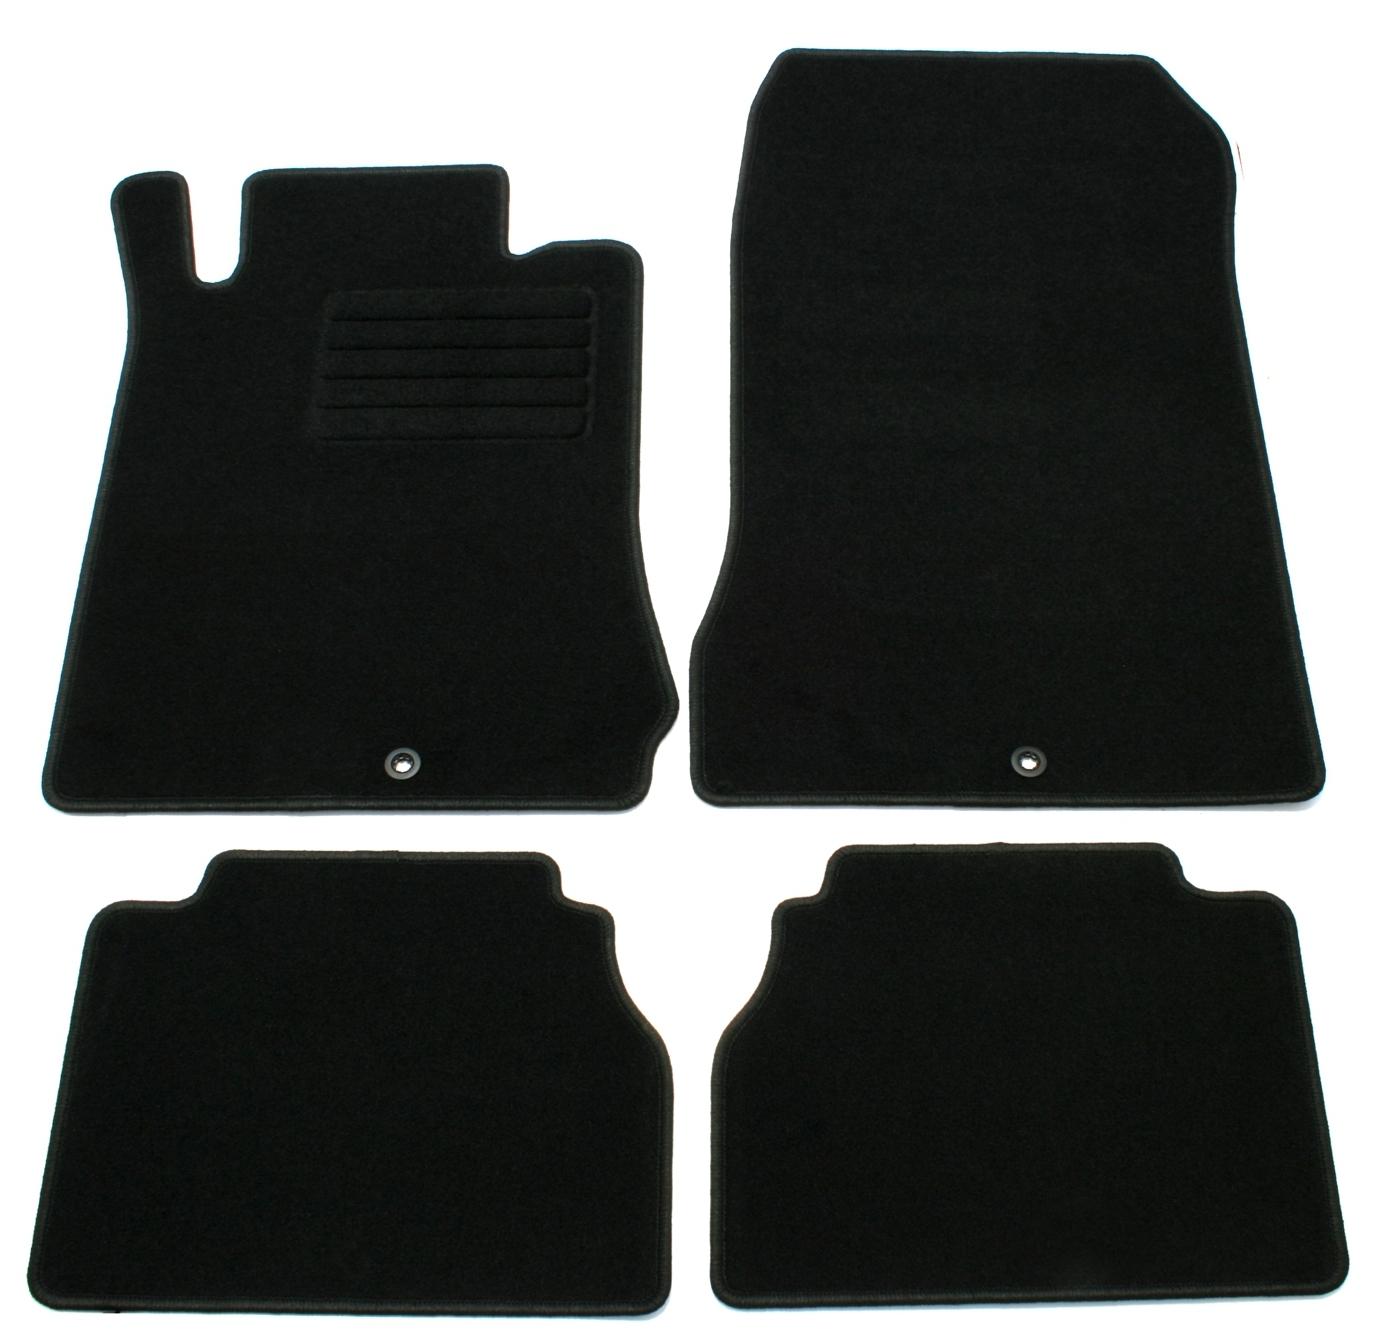 Kfz-Matten Gummi Fußmatten für Mercedes E-Klasse W210 S210 Bj.ab 95 bis 03